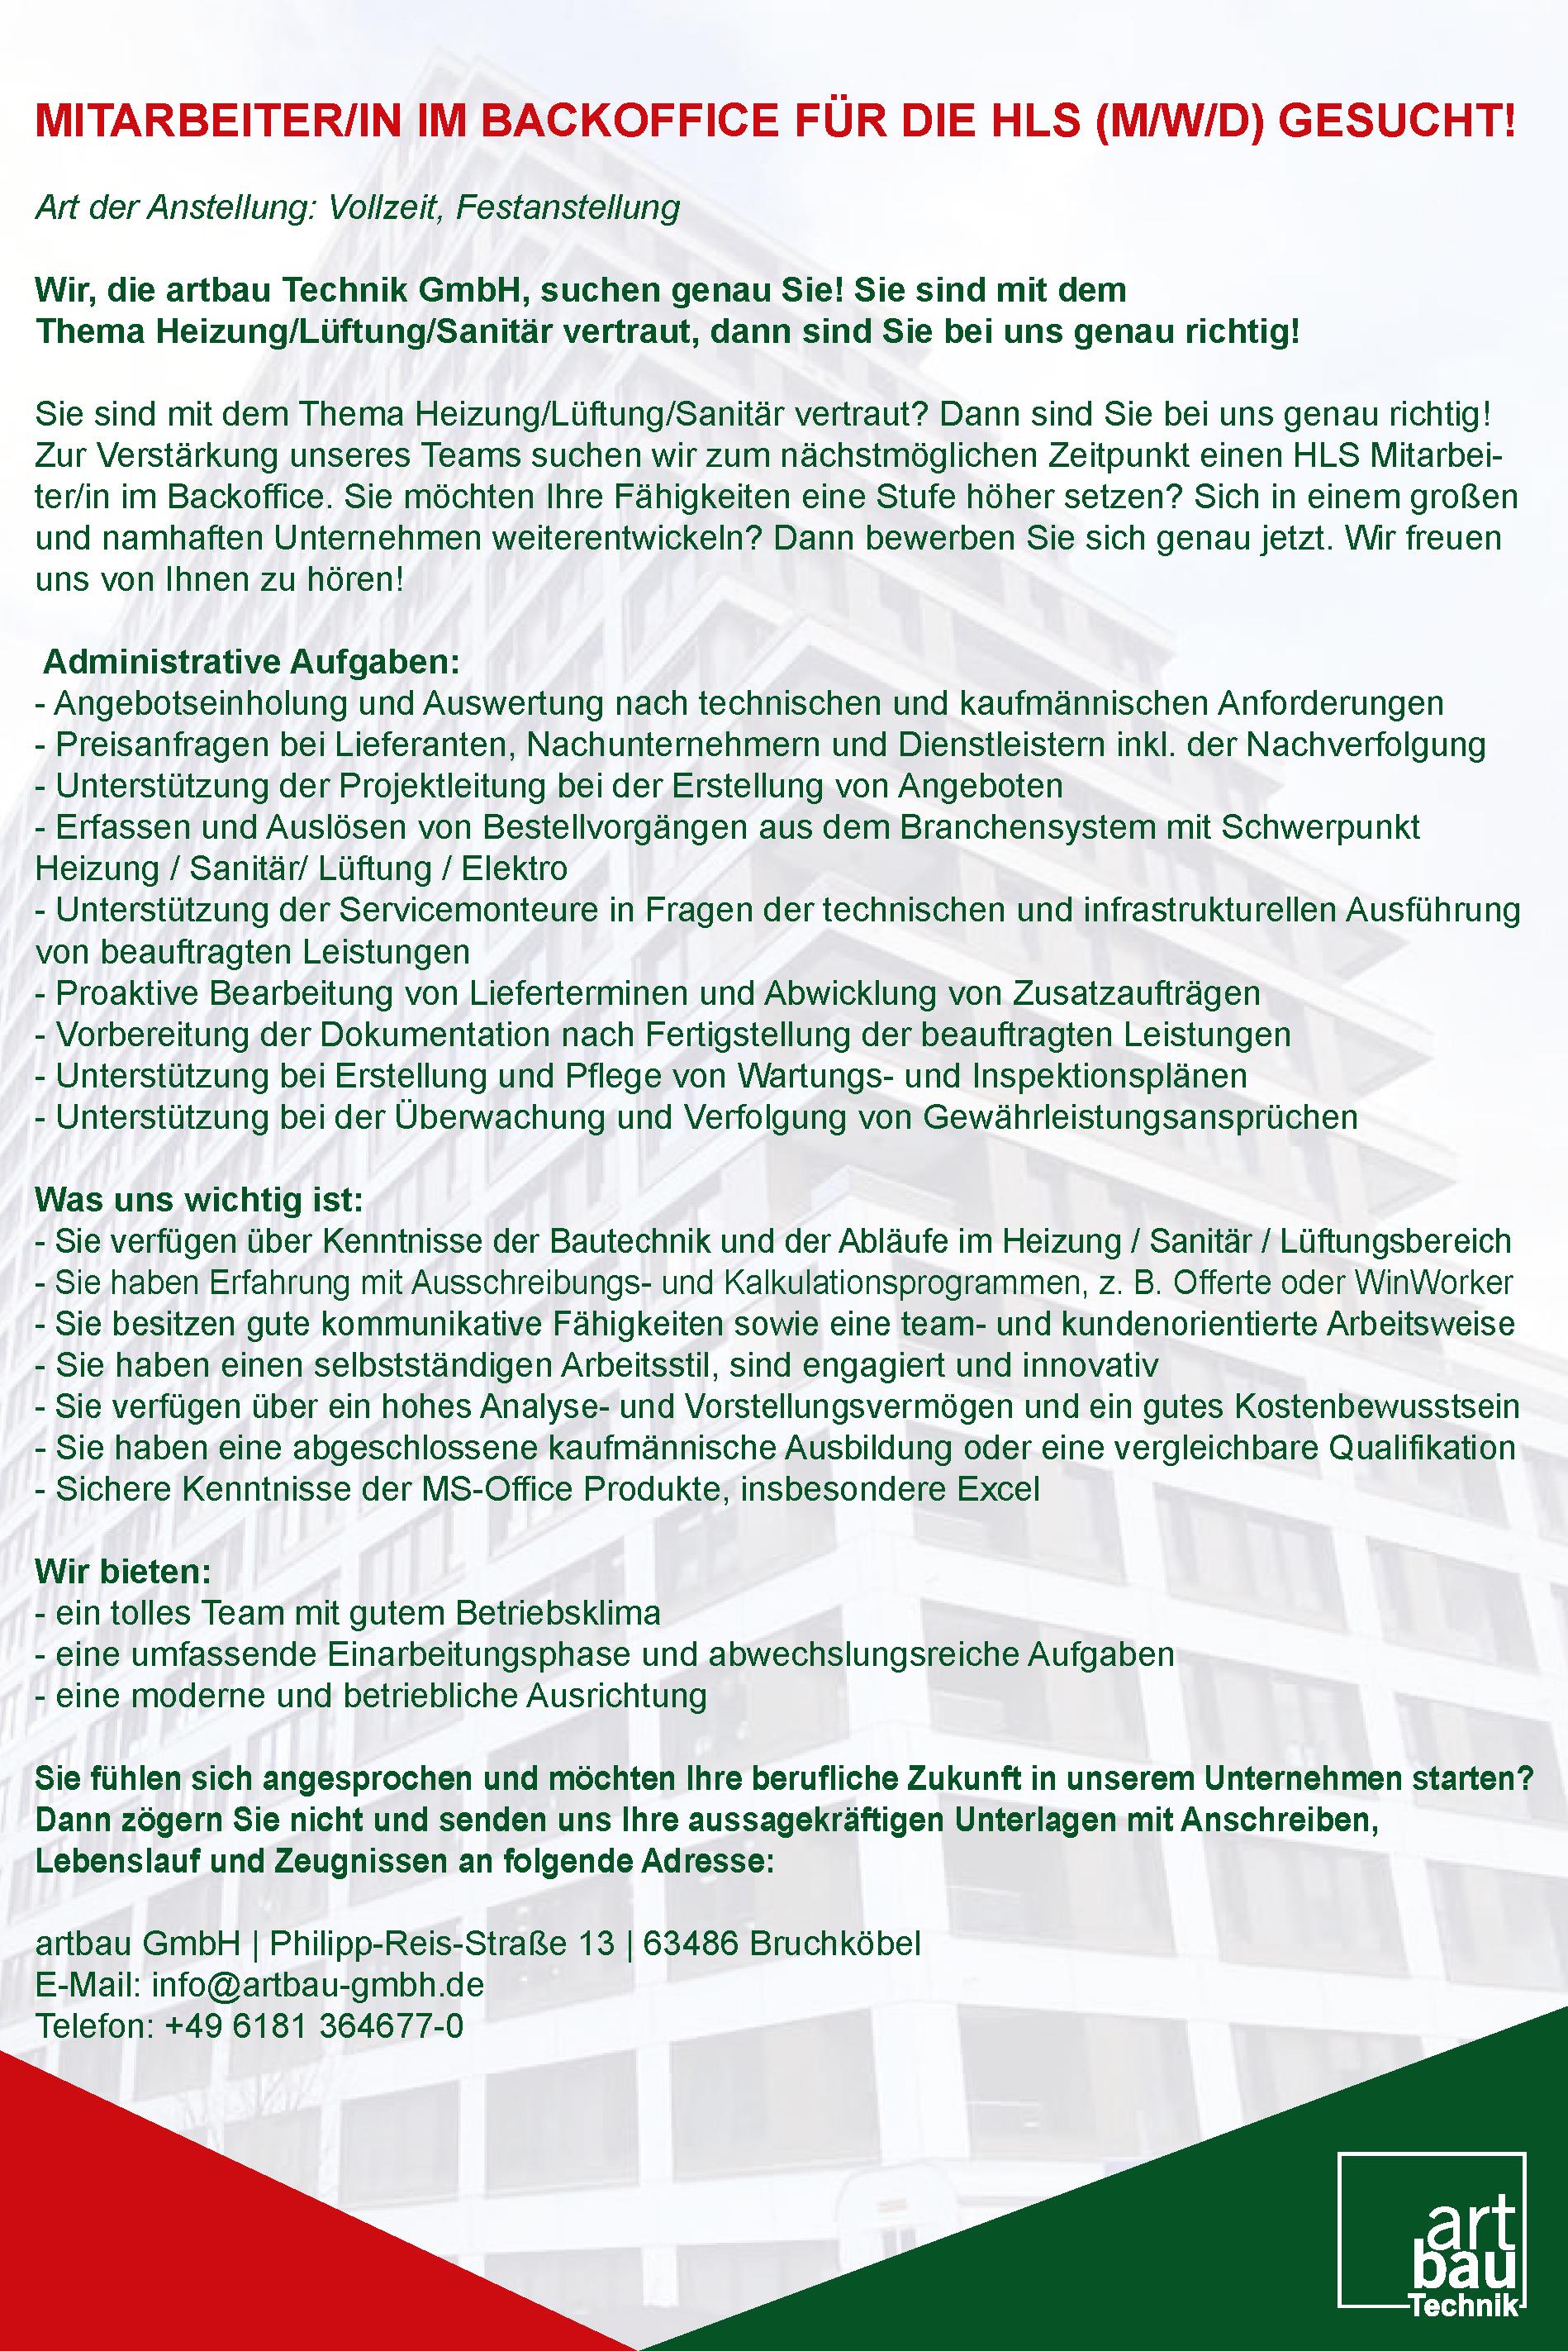 Jobangebote 2021_Backoffice HLS